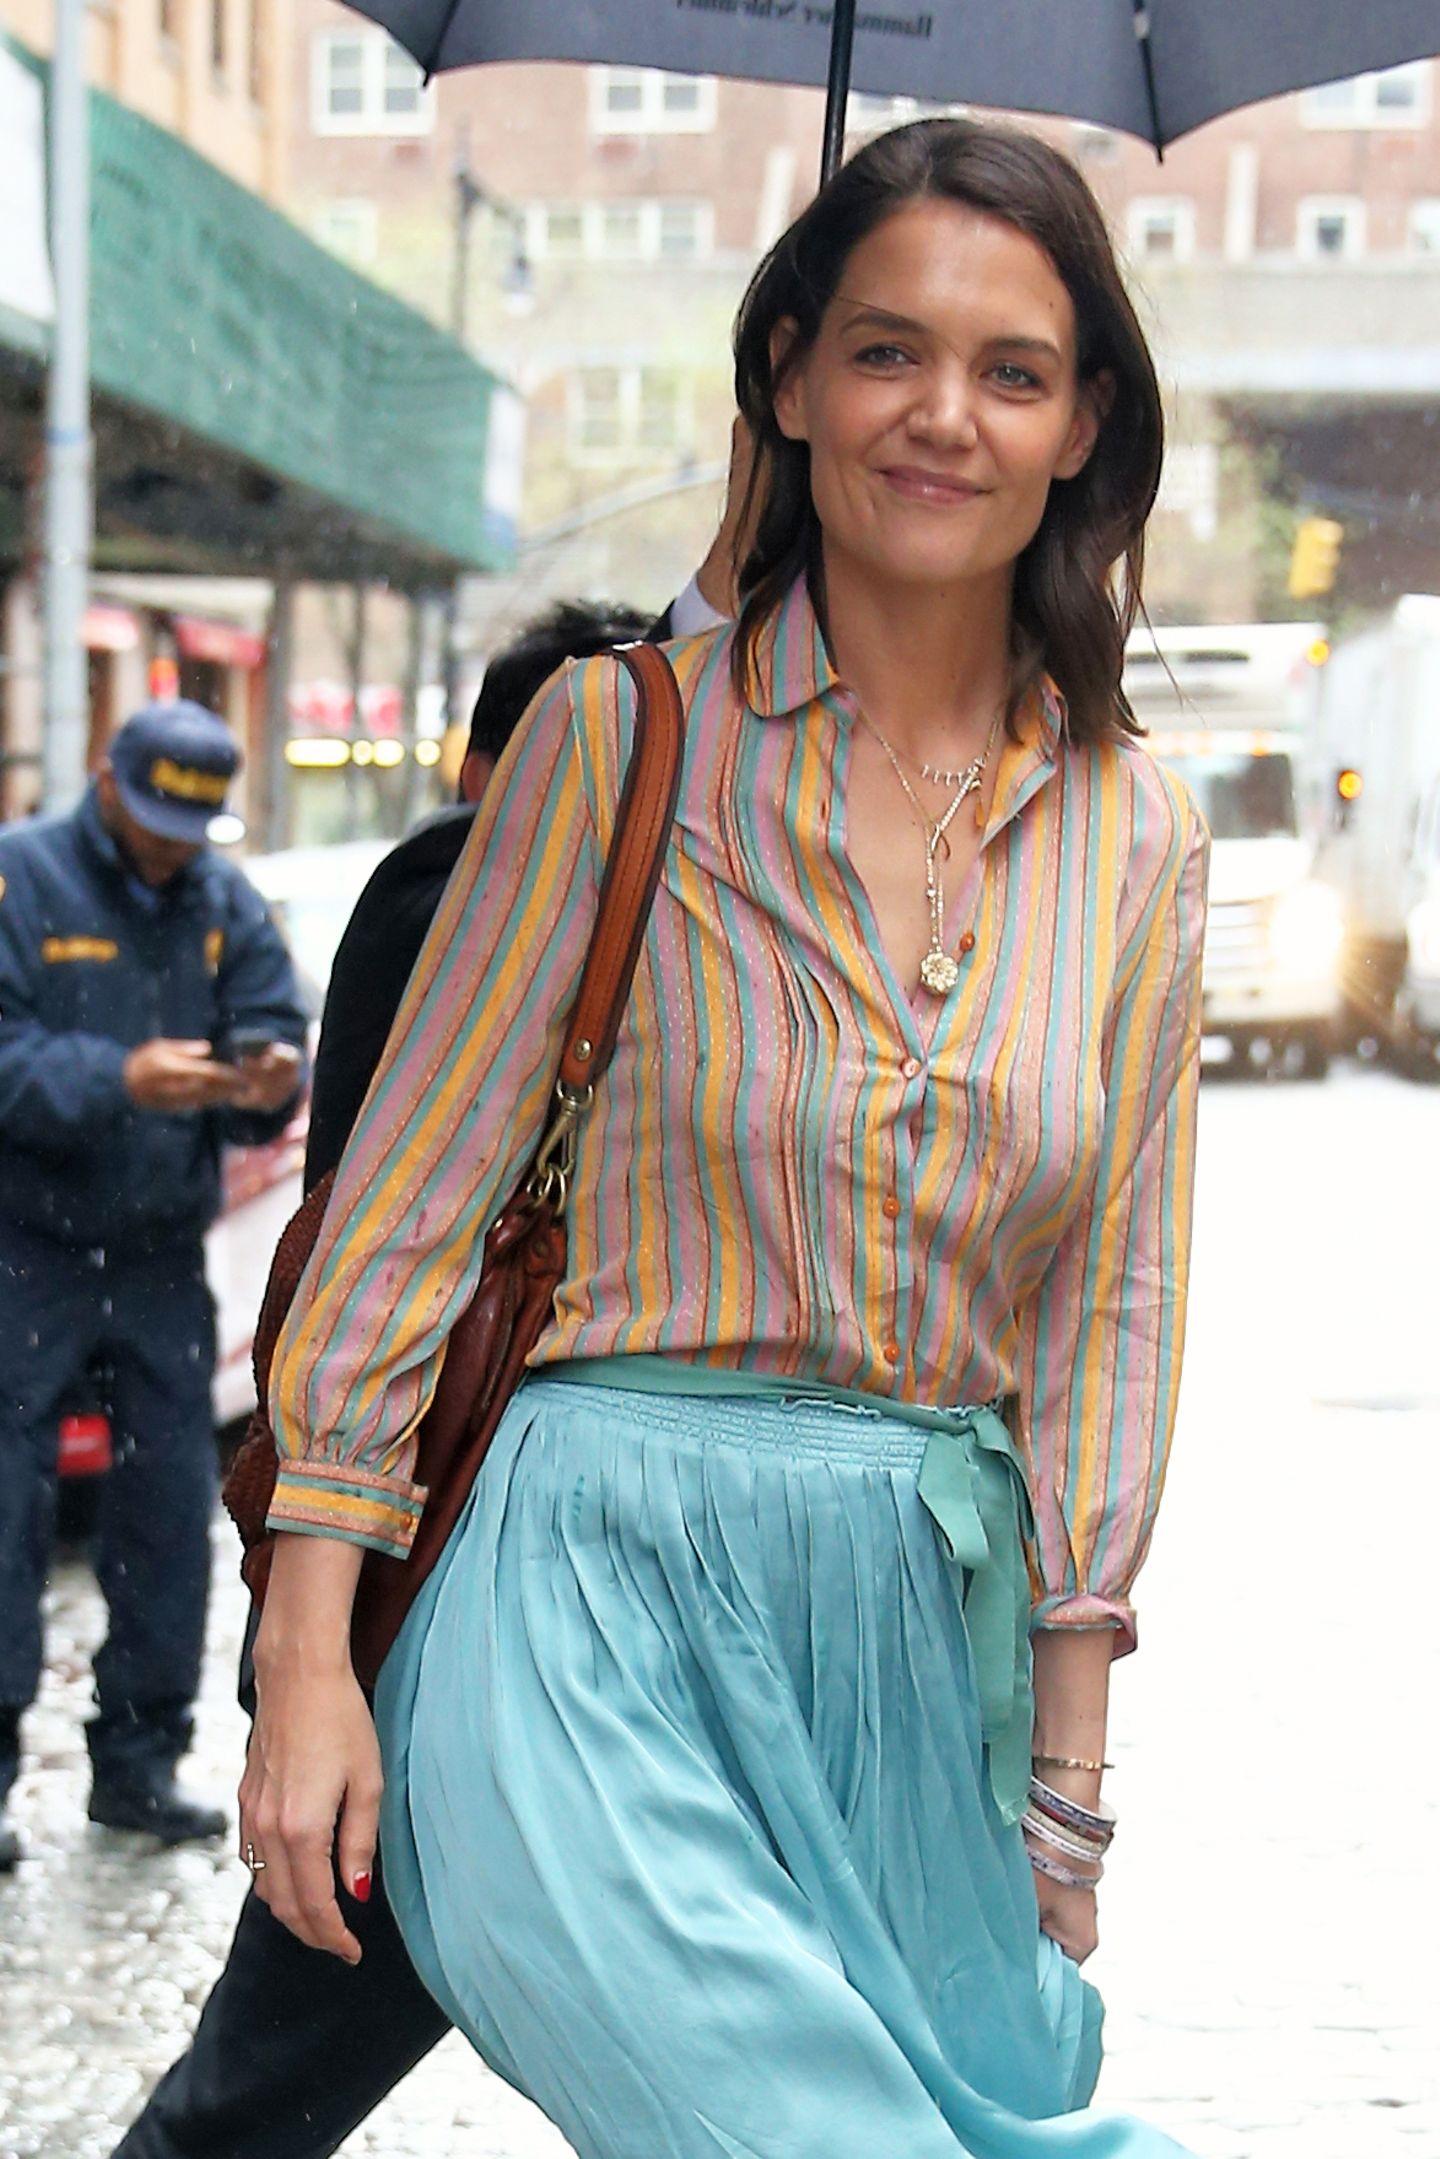 Farblich perfekt auf ihren Rock abgestimmt, kombiniert Katie eine bunt gestreifte Bluse zu ihrem Seidenrock. Ein schönes Detail: Ihre filigranen, goldenen Ketten.